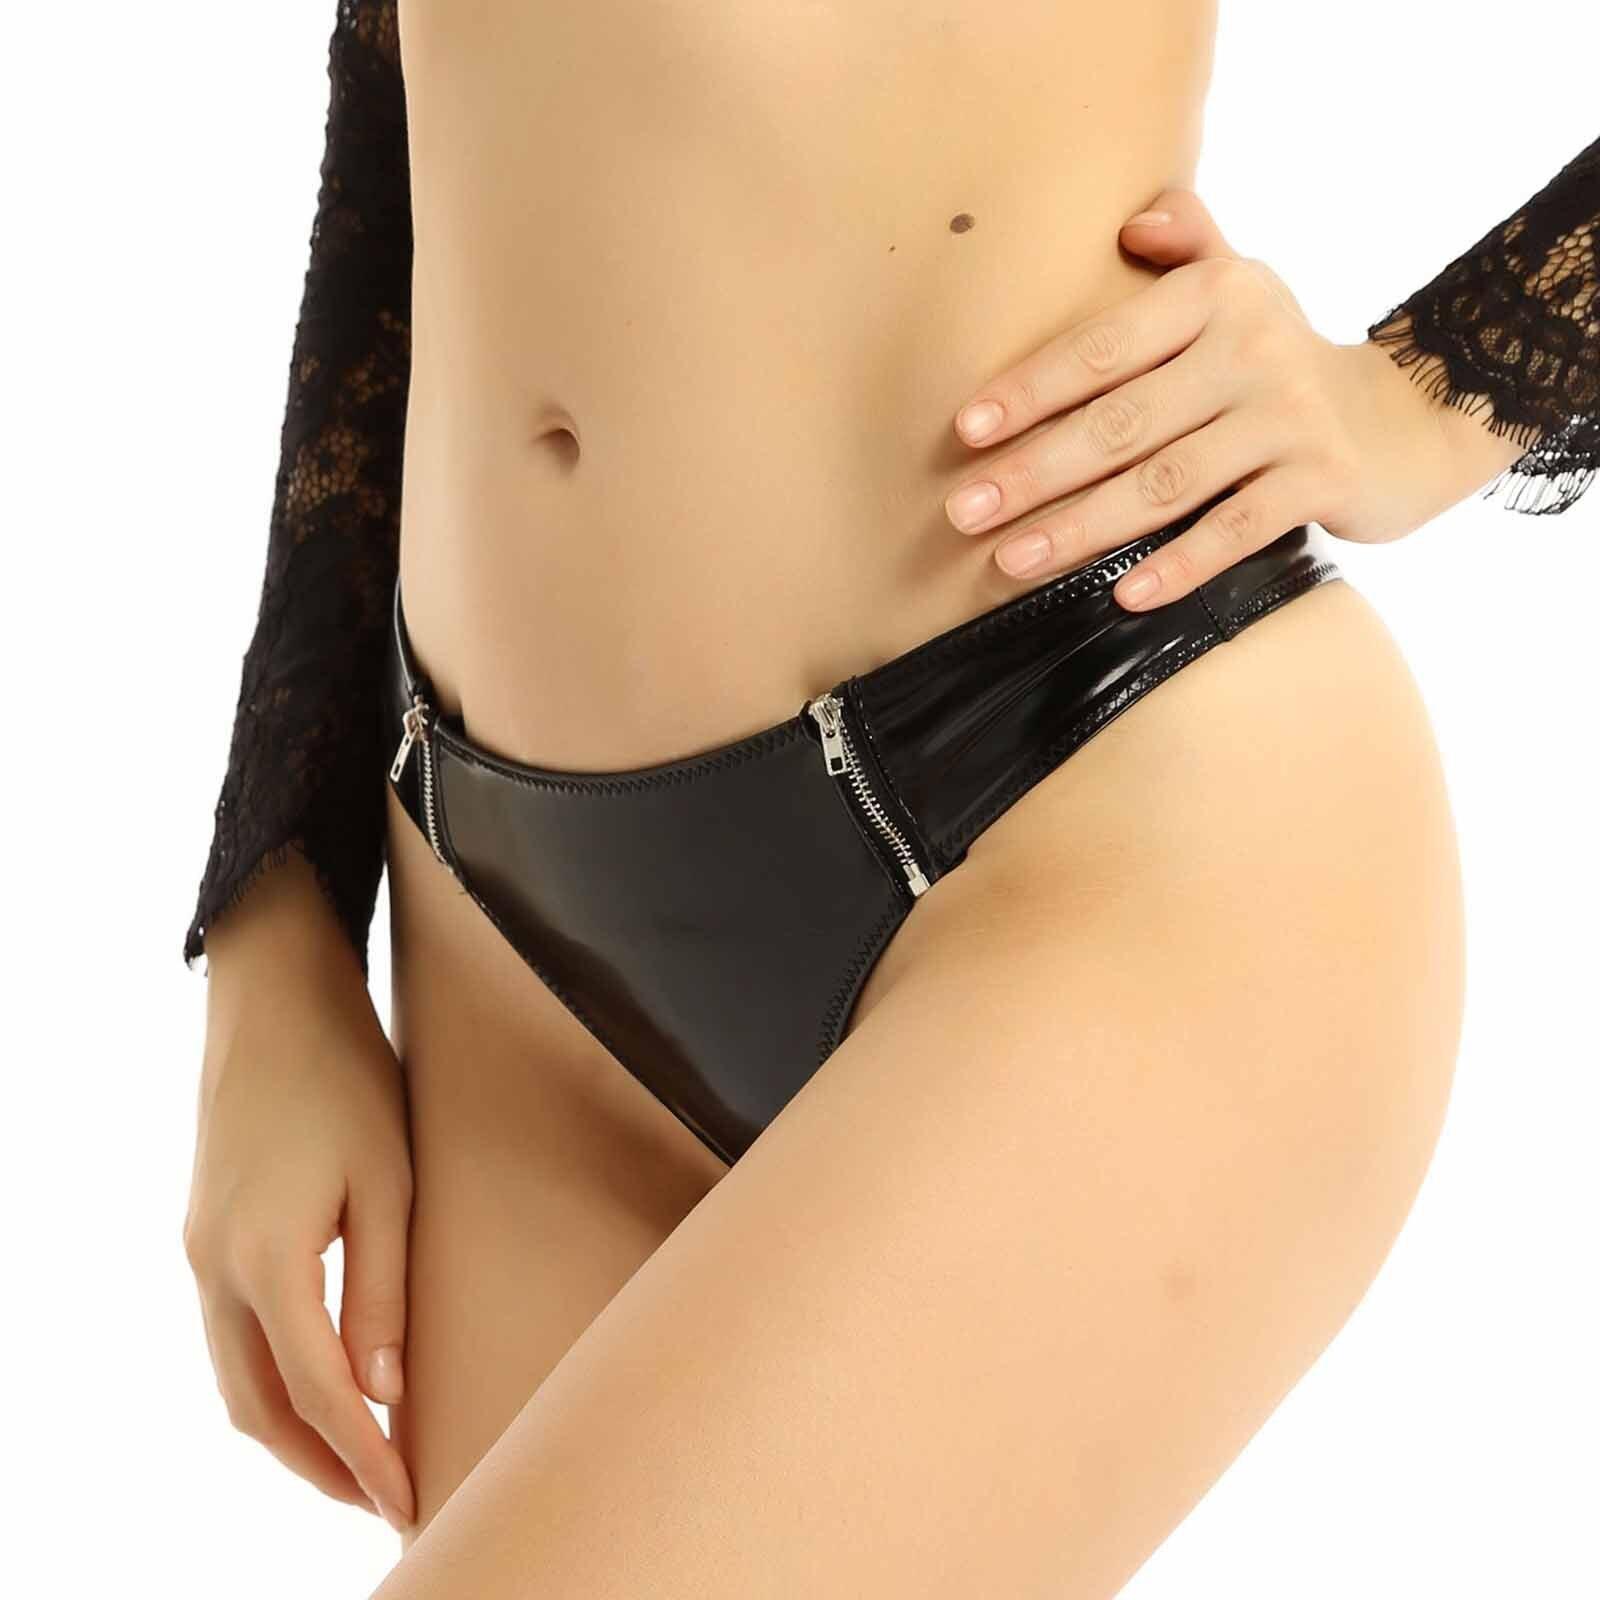 Бразильяно латекс нижнее белье трусы мини-бикини для женщин Эротические стринги, застежка-молния с низкой посадкой латексные трусы